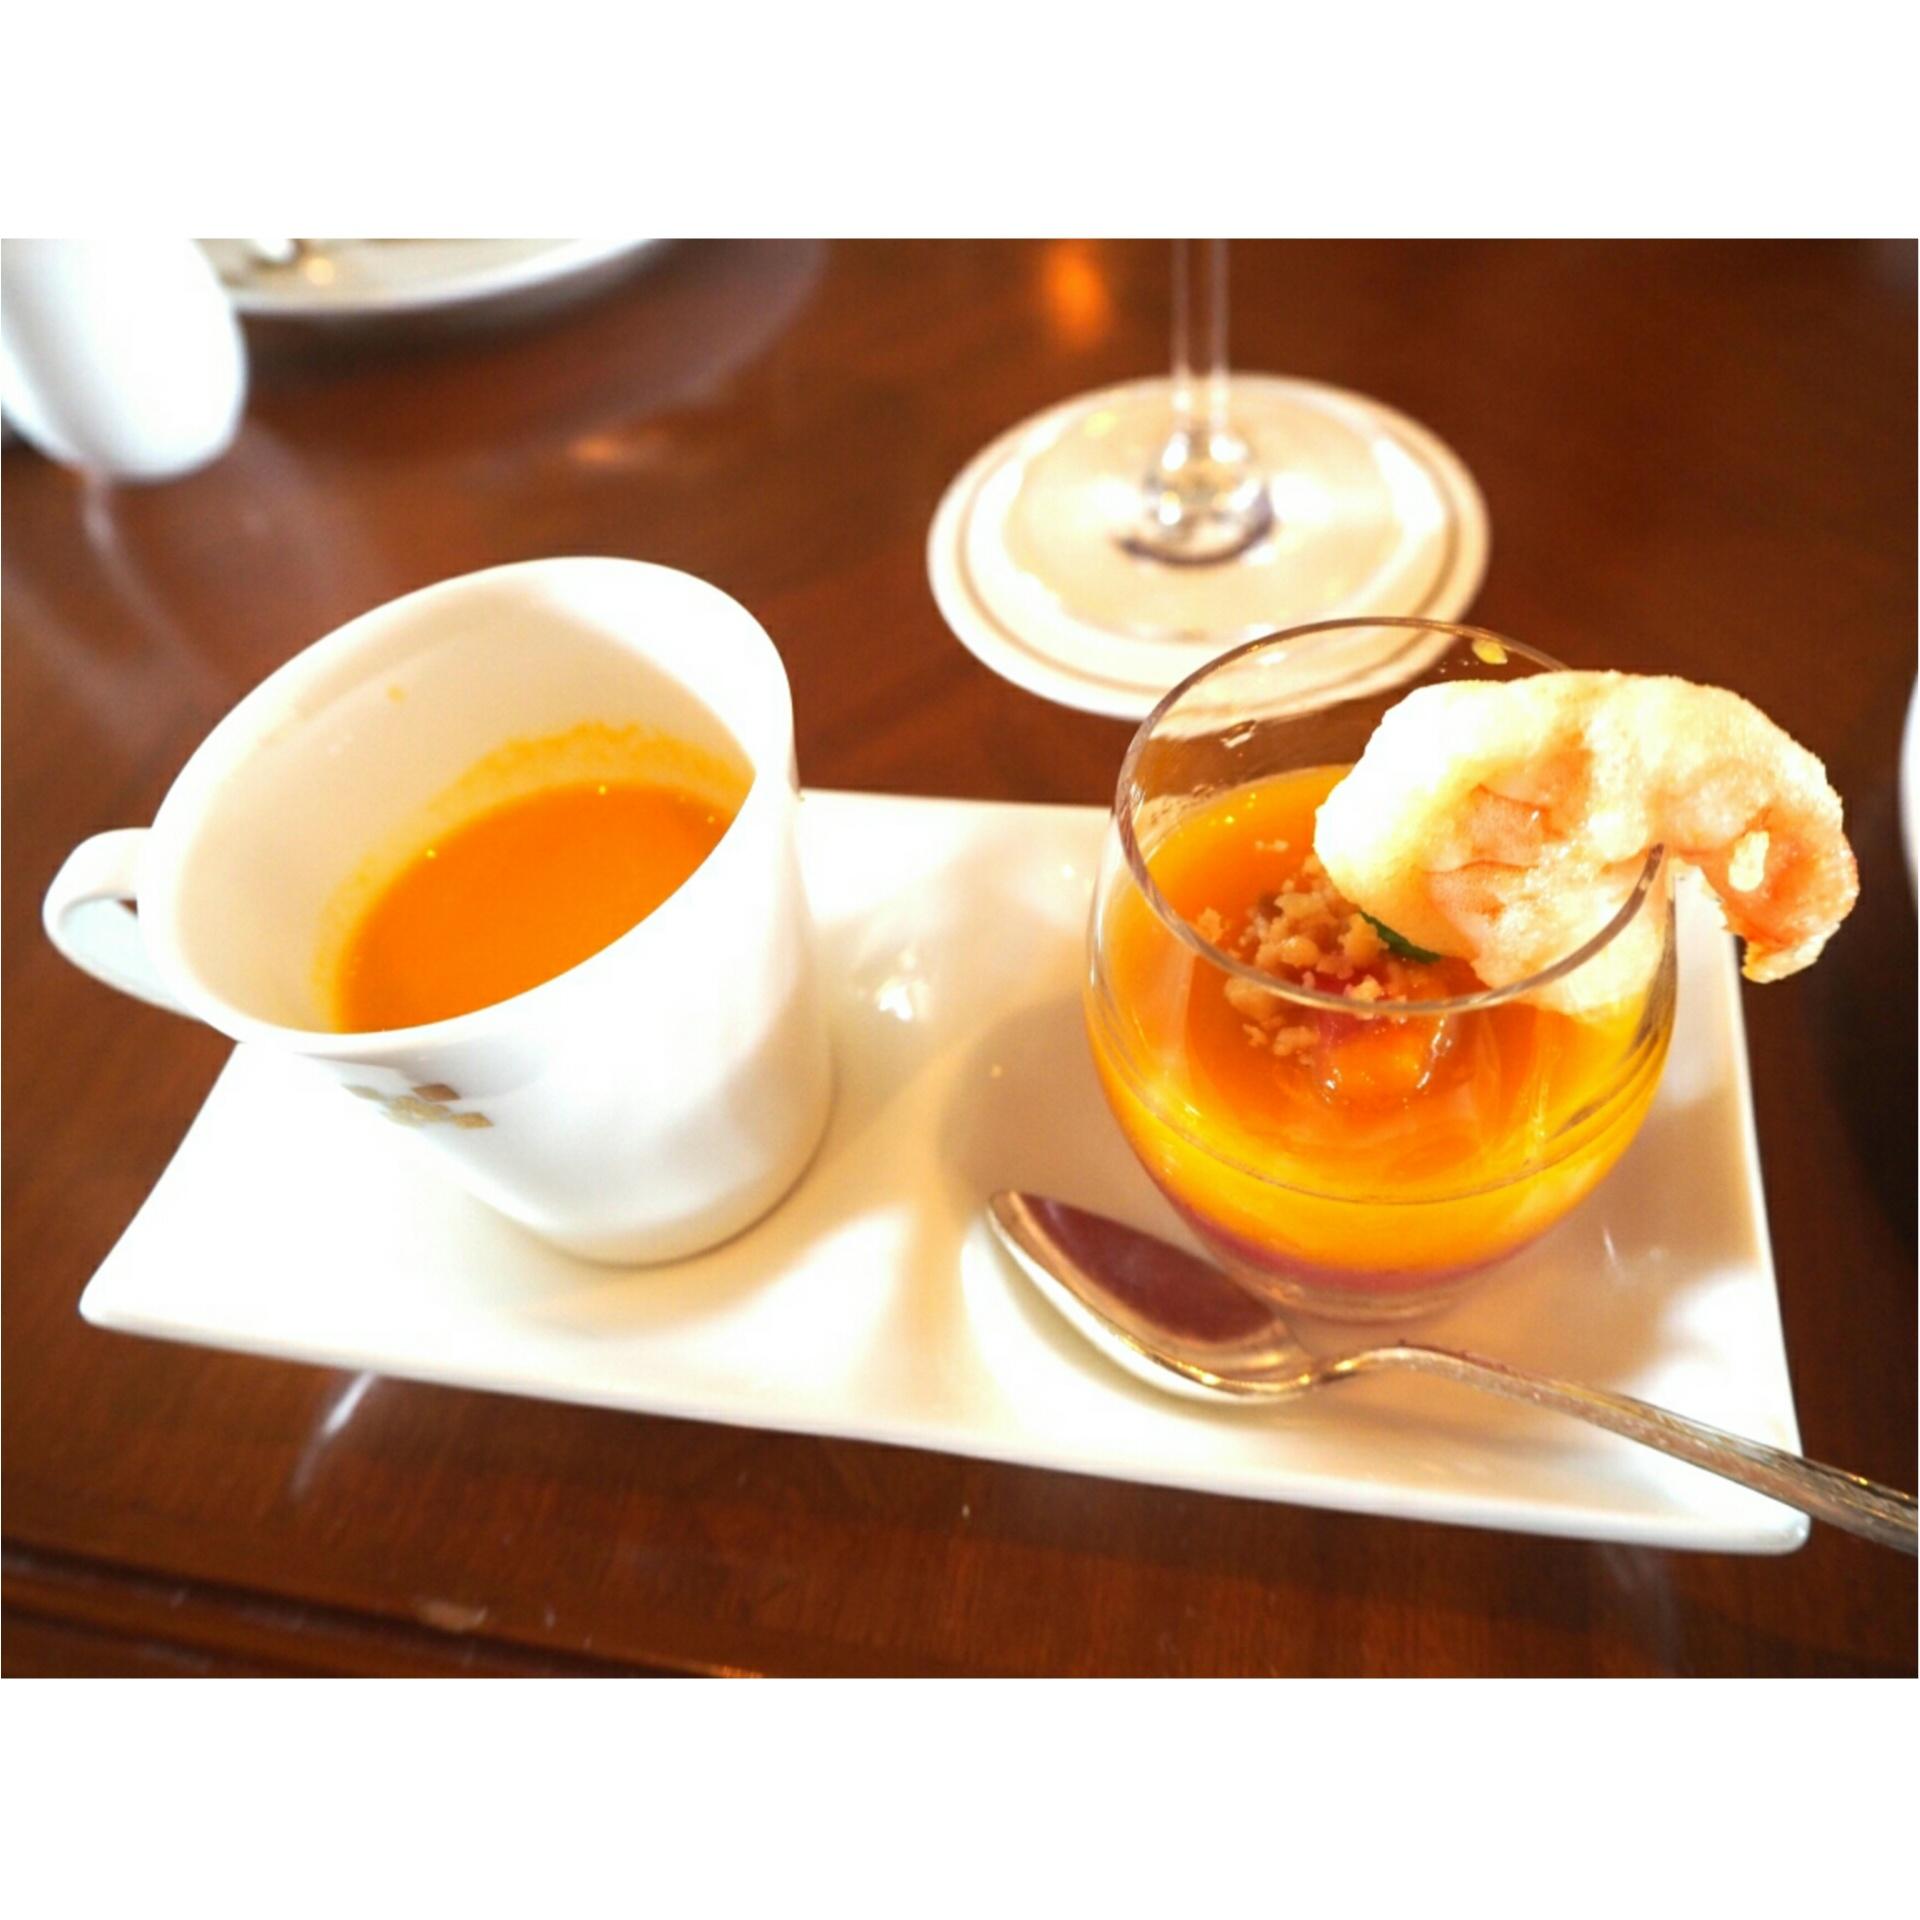 ◆日本最高峰のホテルで◆ハワイアンなアフタヌーンティー@帝国ホテル東京_2